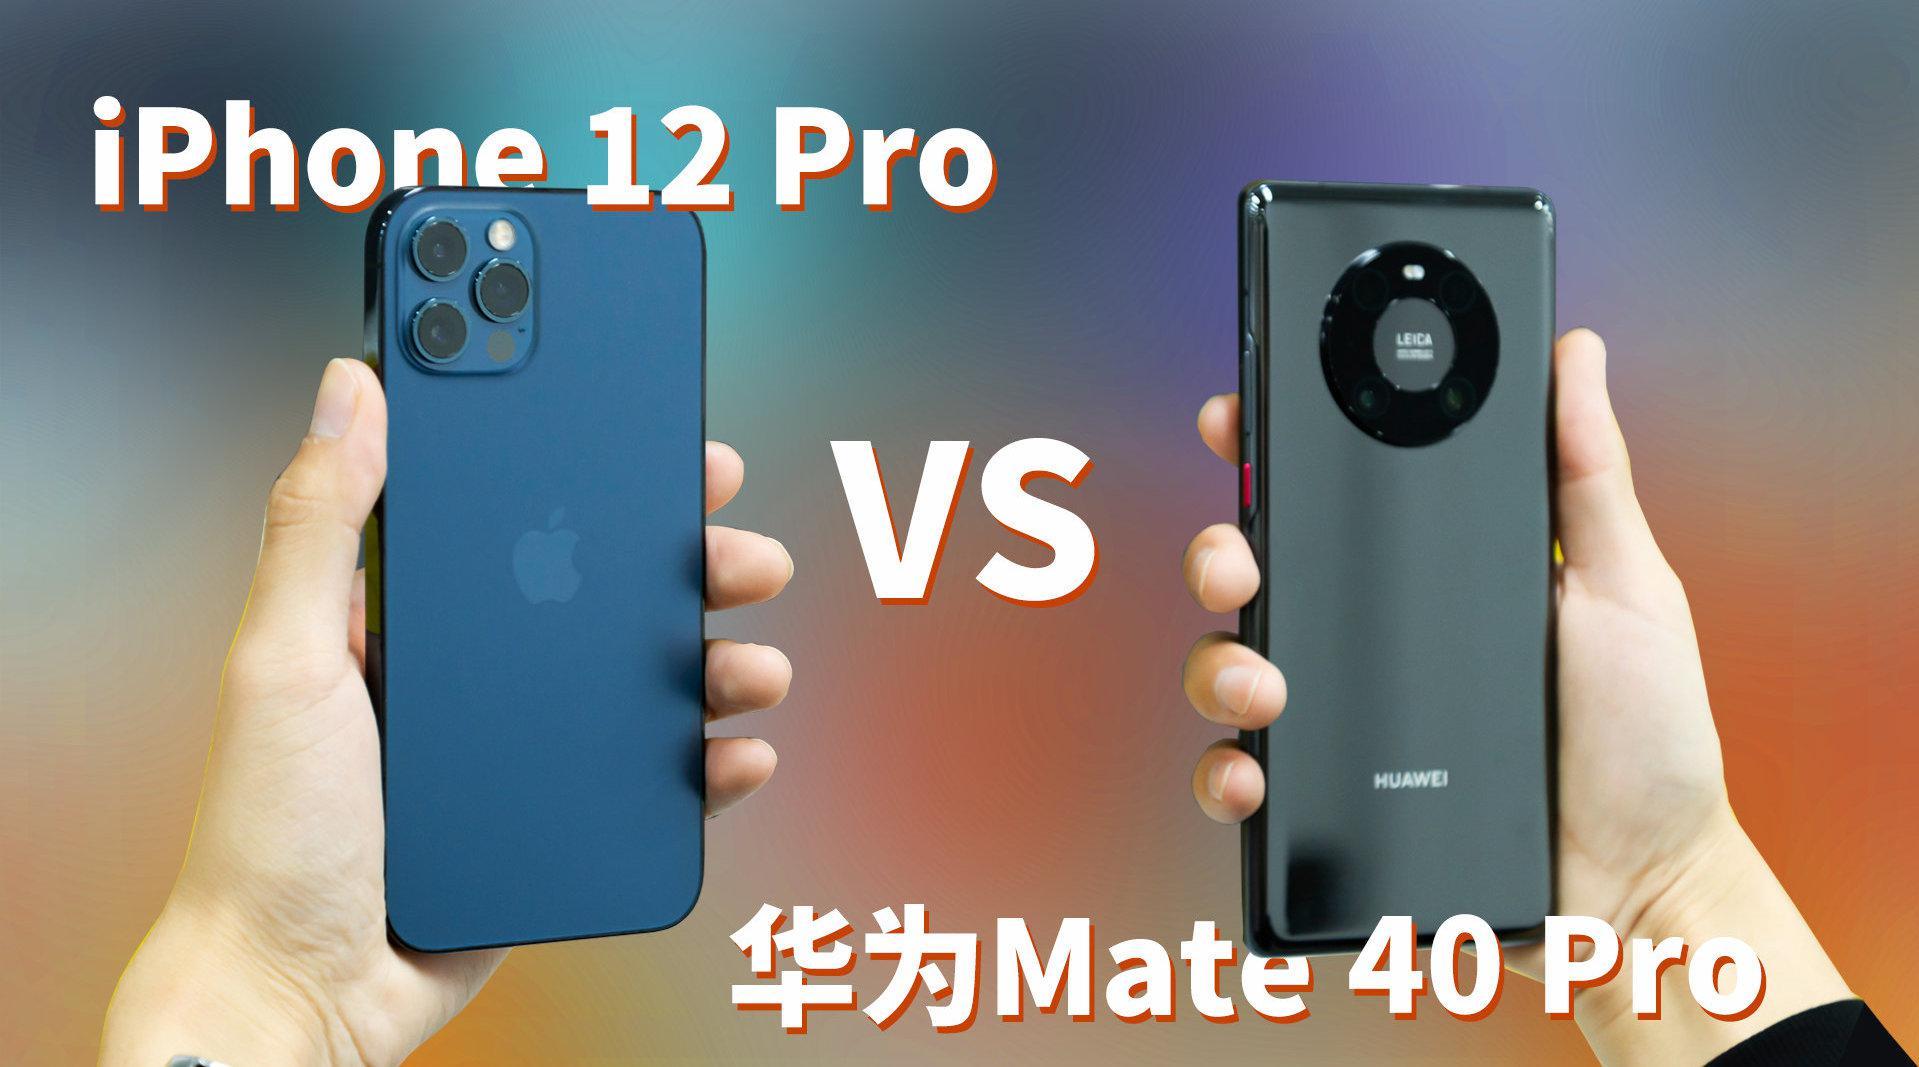 iPhone 12 Pro 对比华为 Mate 40 Pro 的视频来啦…………